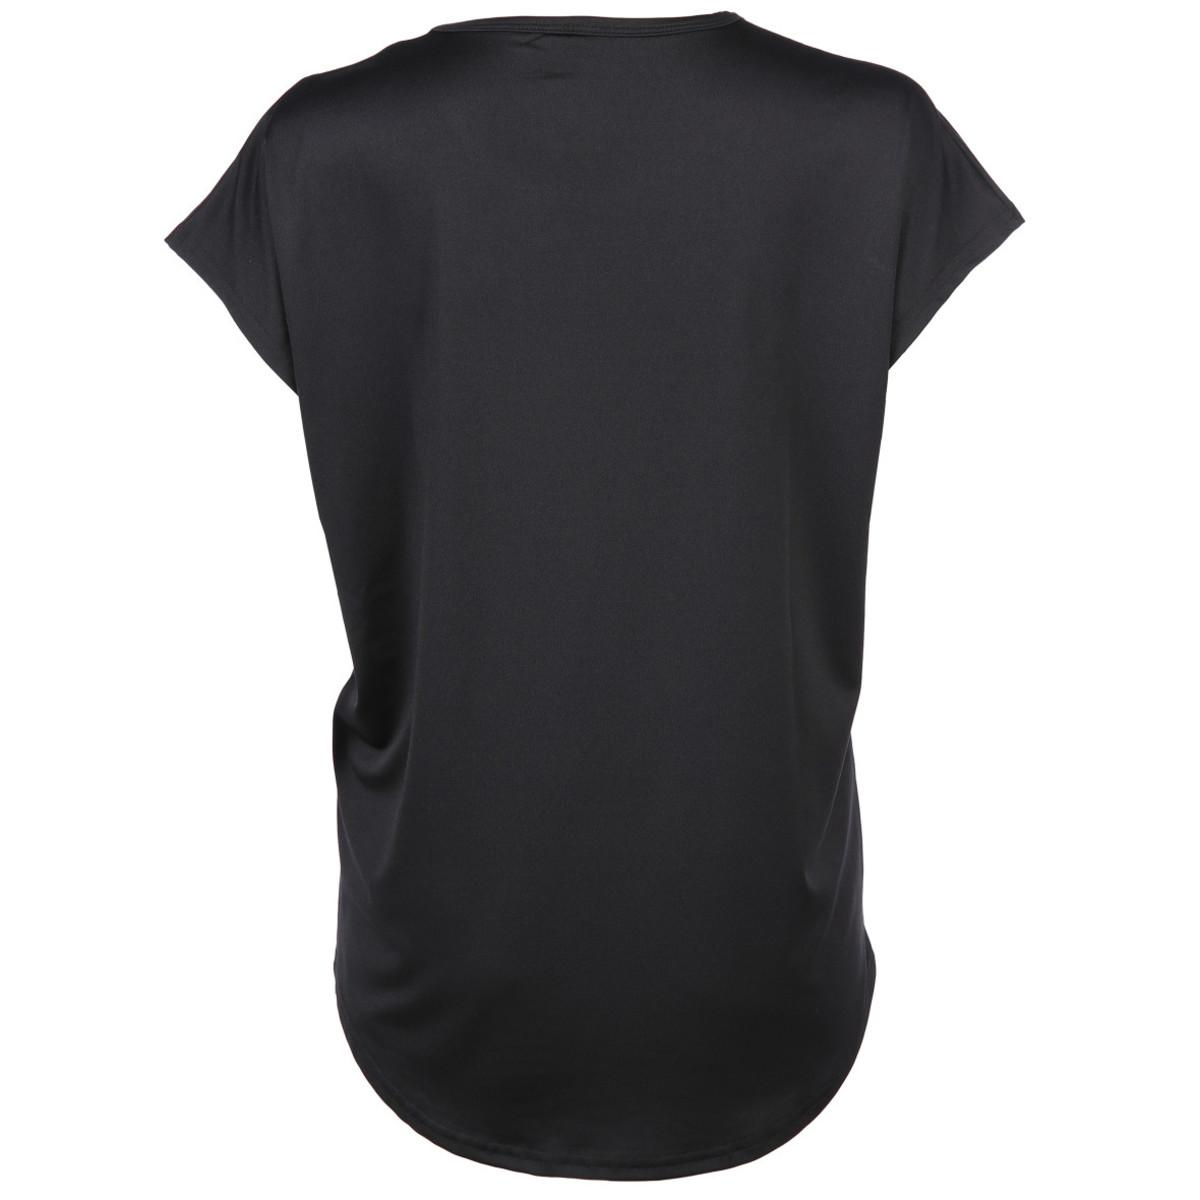 Bild 2 von Damen Sport Shirt mit Frontprint